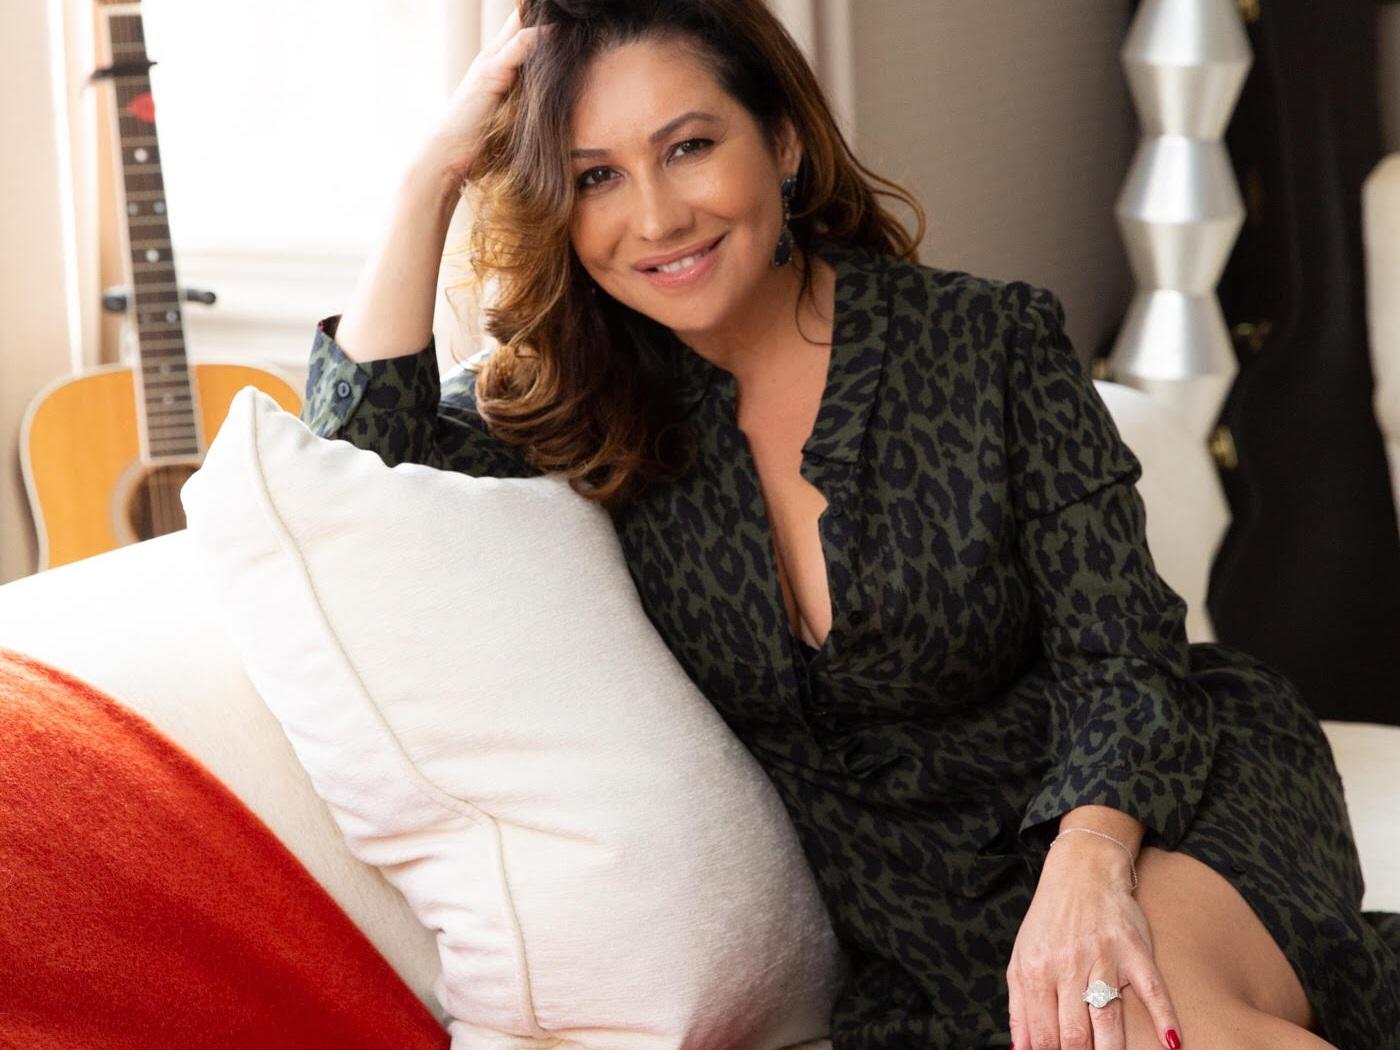 Meet Sinesia, - Founder of Sinesia Karol